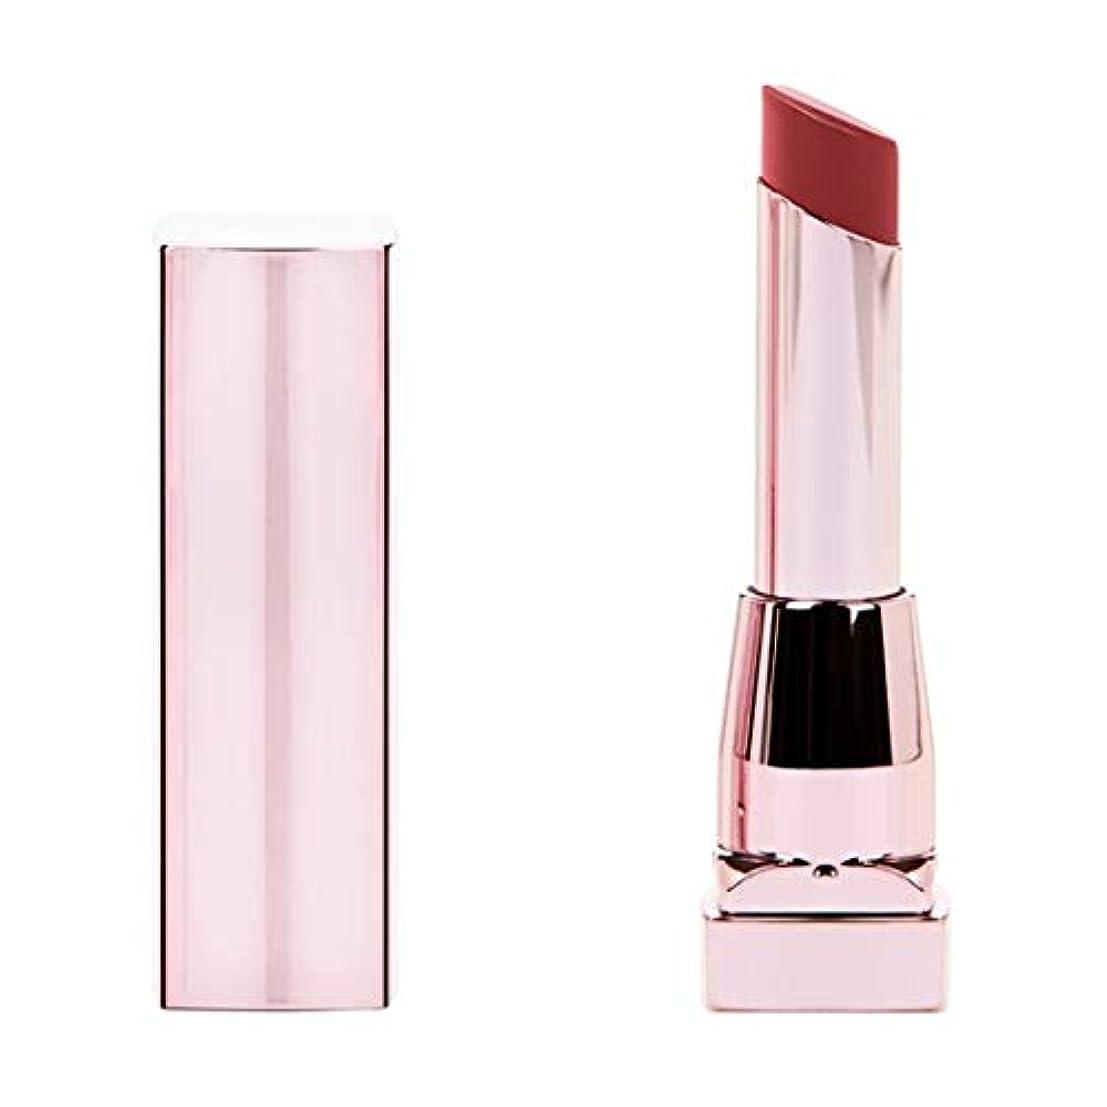 快い恐怖症キノコ(6 Pack) MAYBELLINE Color Sensational Shine Compulsion Lipstick - Scarlet Flame 090 (並行輸入品)